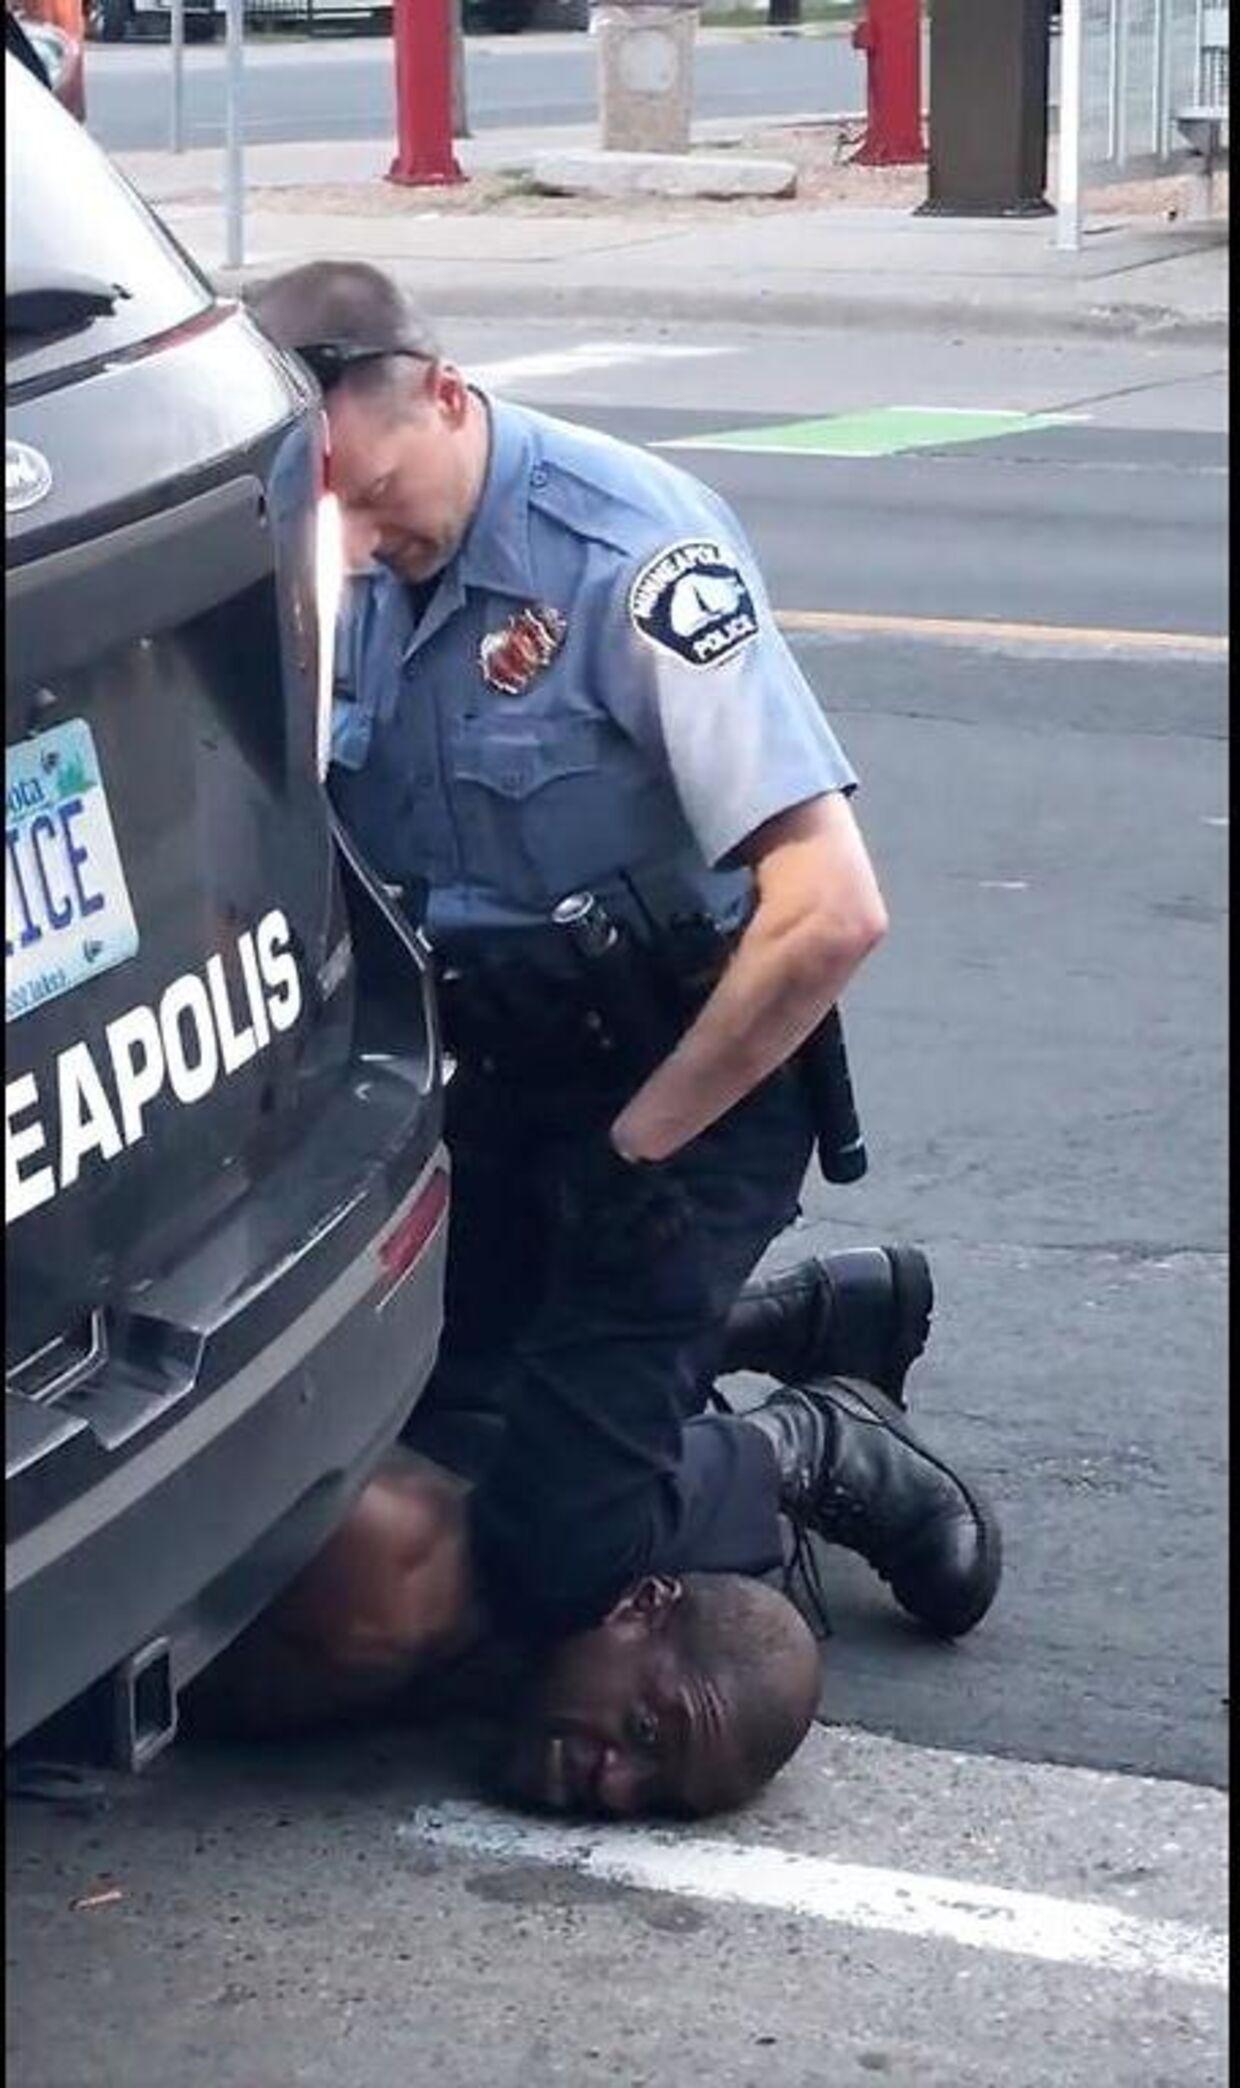 Politimanden Derek Chauvin er blevet arresteret og sigtet for manddrab. Ifølge sigtelsen holdt politimanden sit knæ på George Floyds hals i næsten ni minutter.